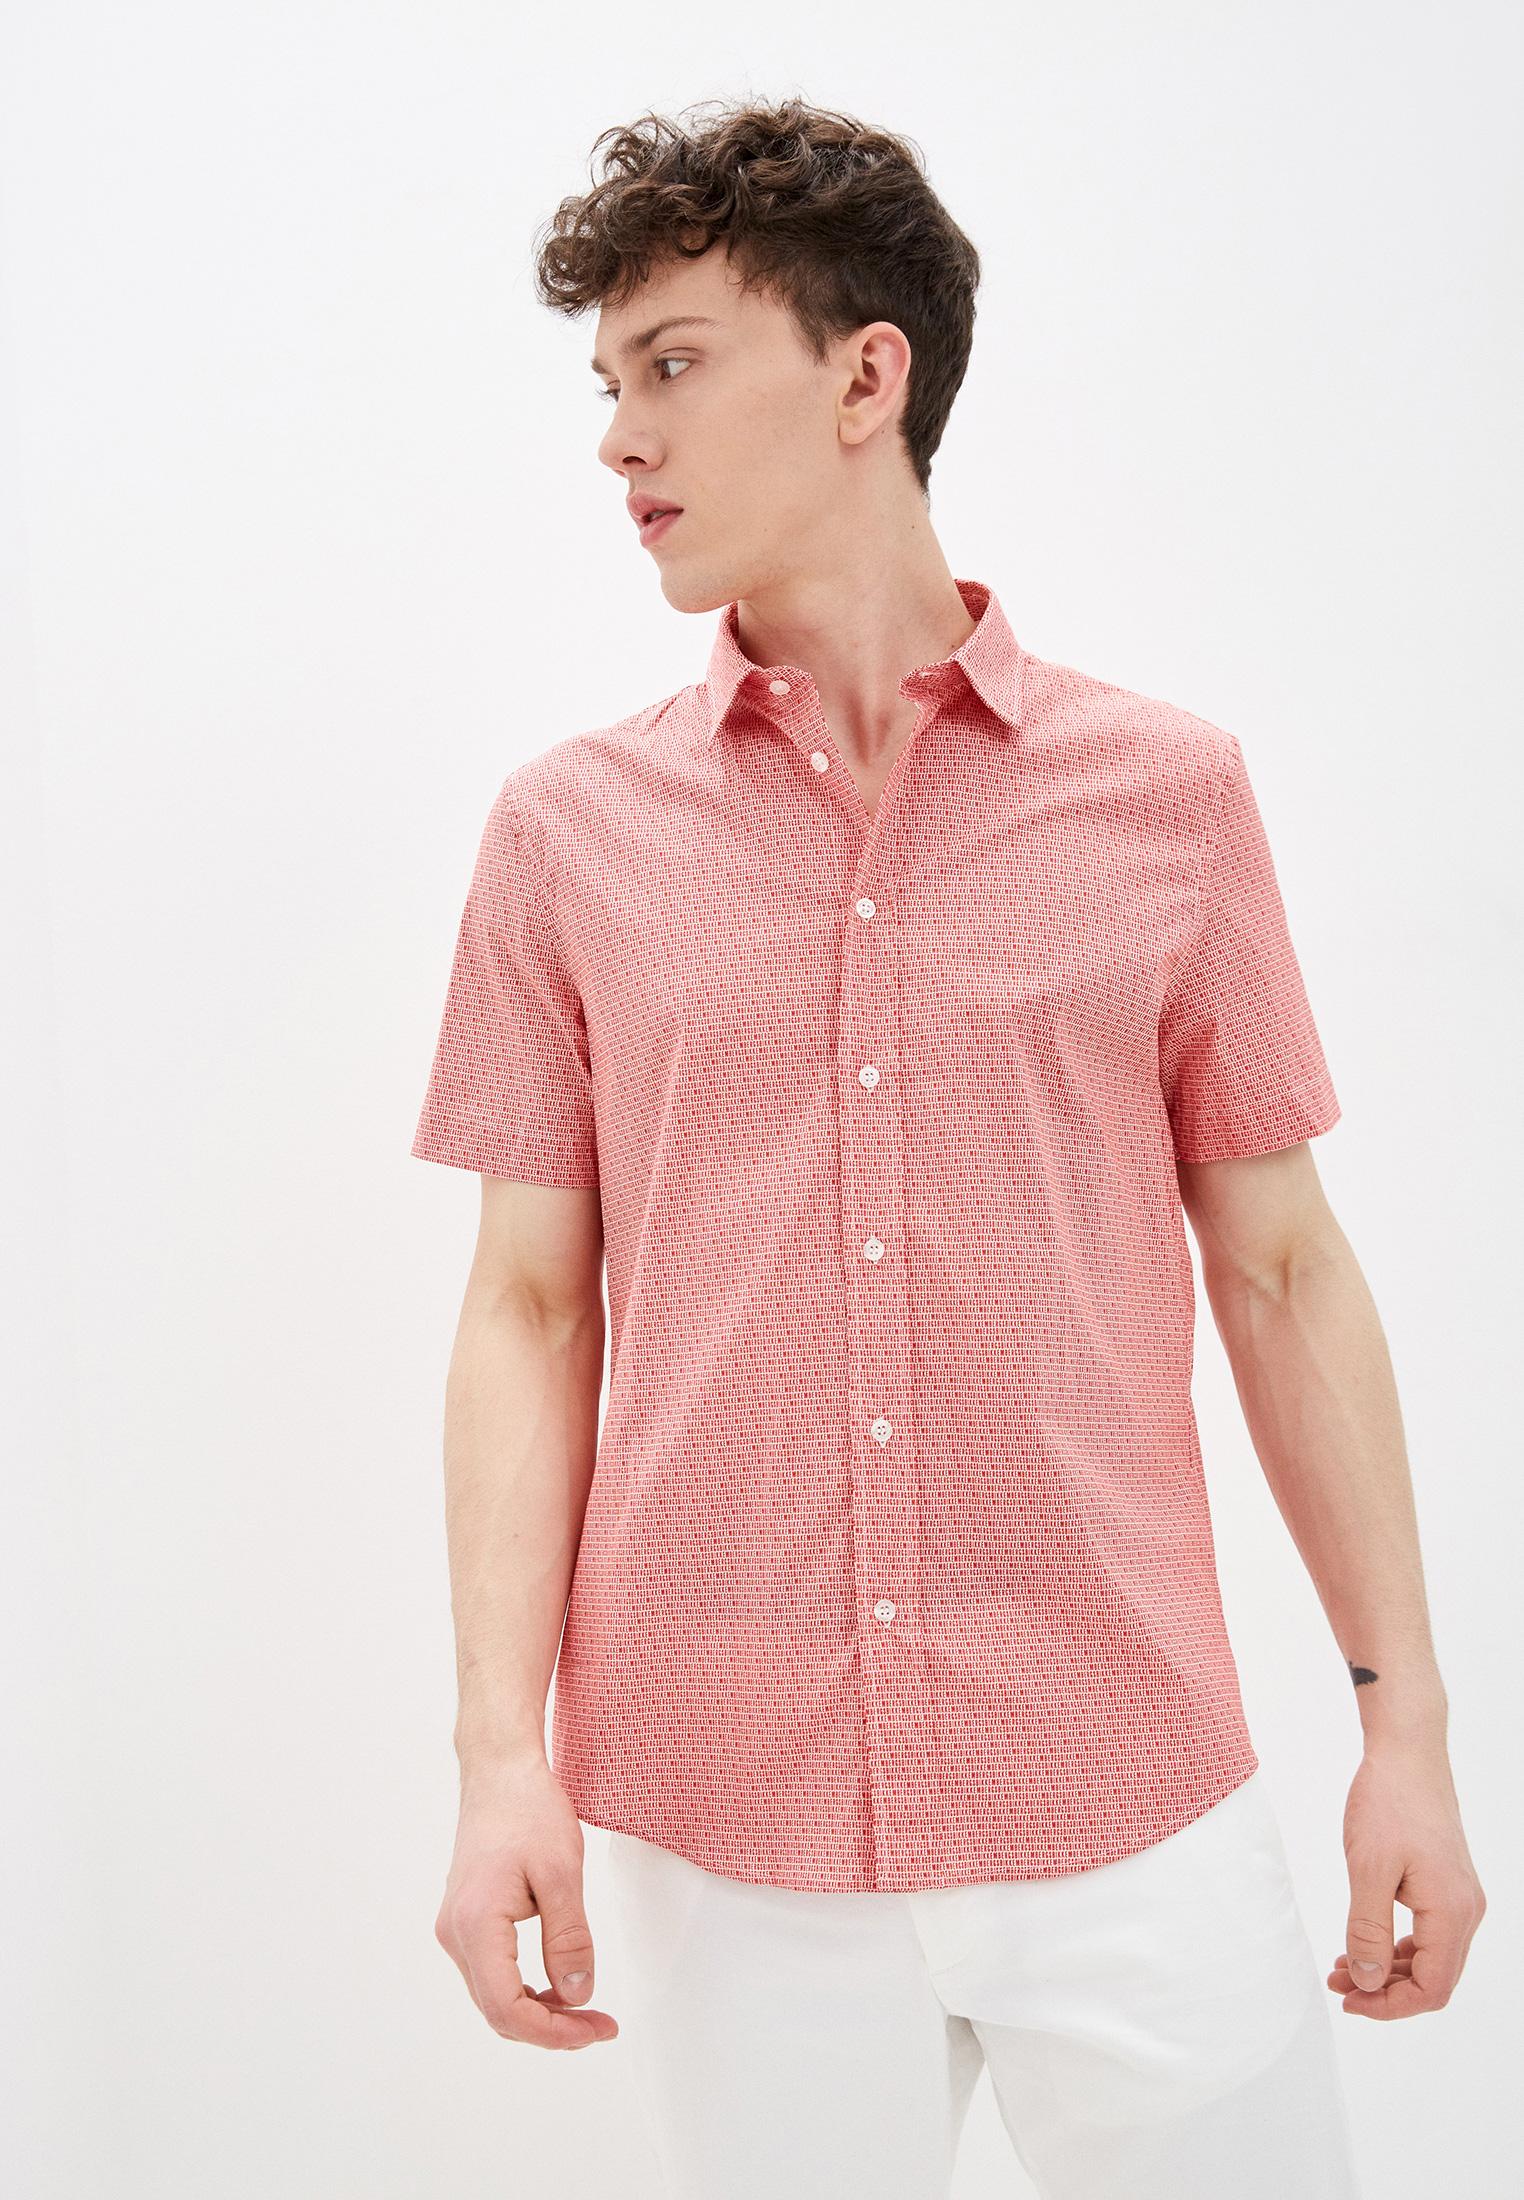 Рубашка с коротким рукавом Bikkembergs (Биккембергс) C C 026 00 S 3353